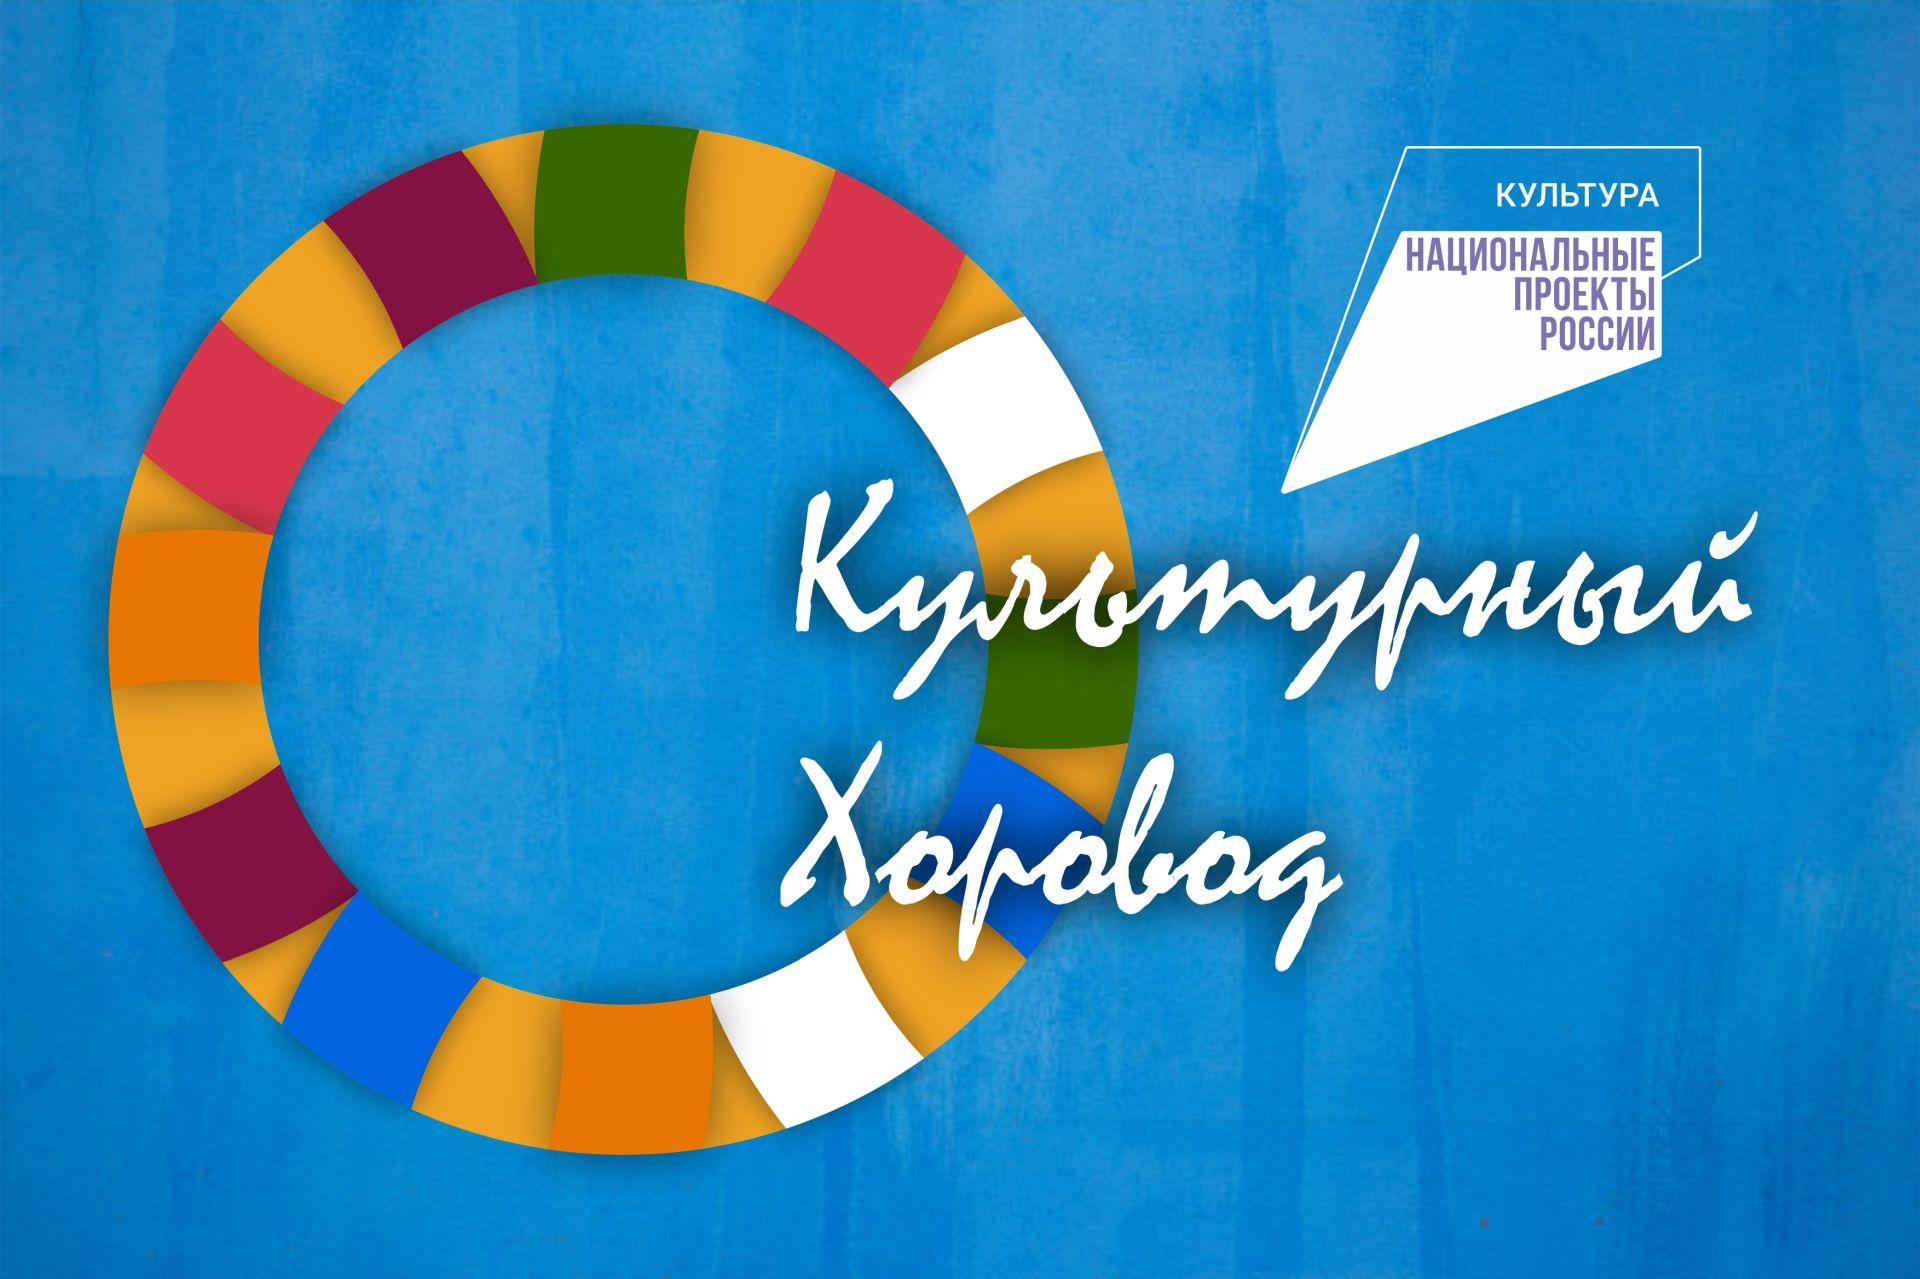 Астраханская область примет участие во Всероссийской акции «Культурный хоровод»